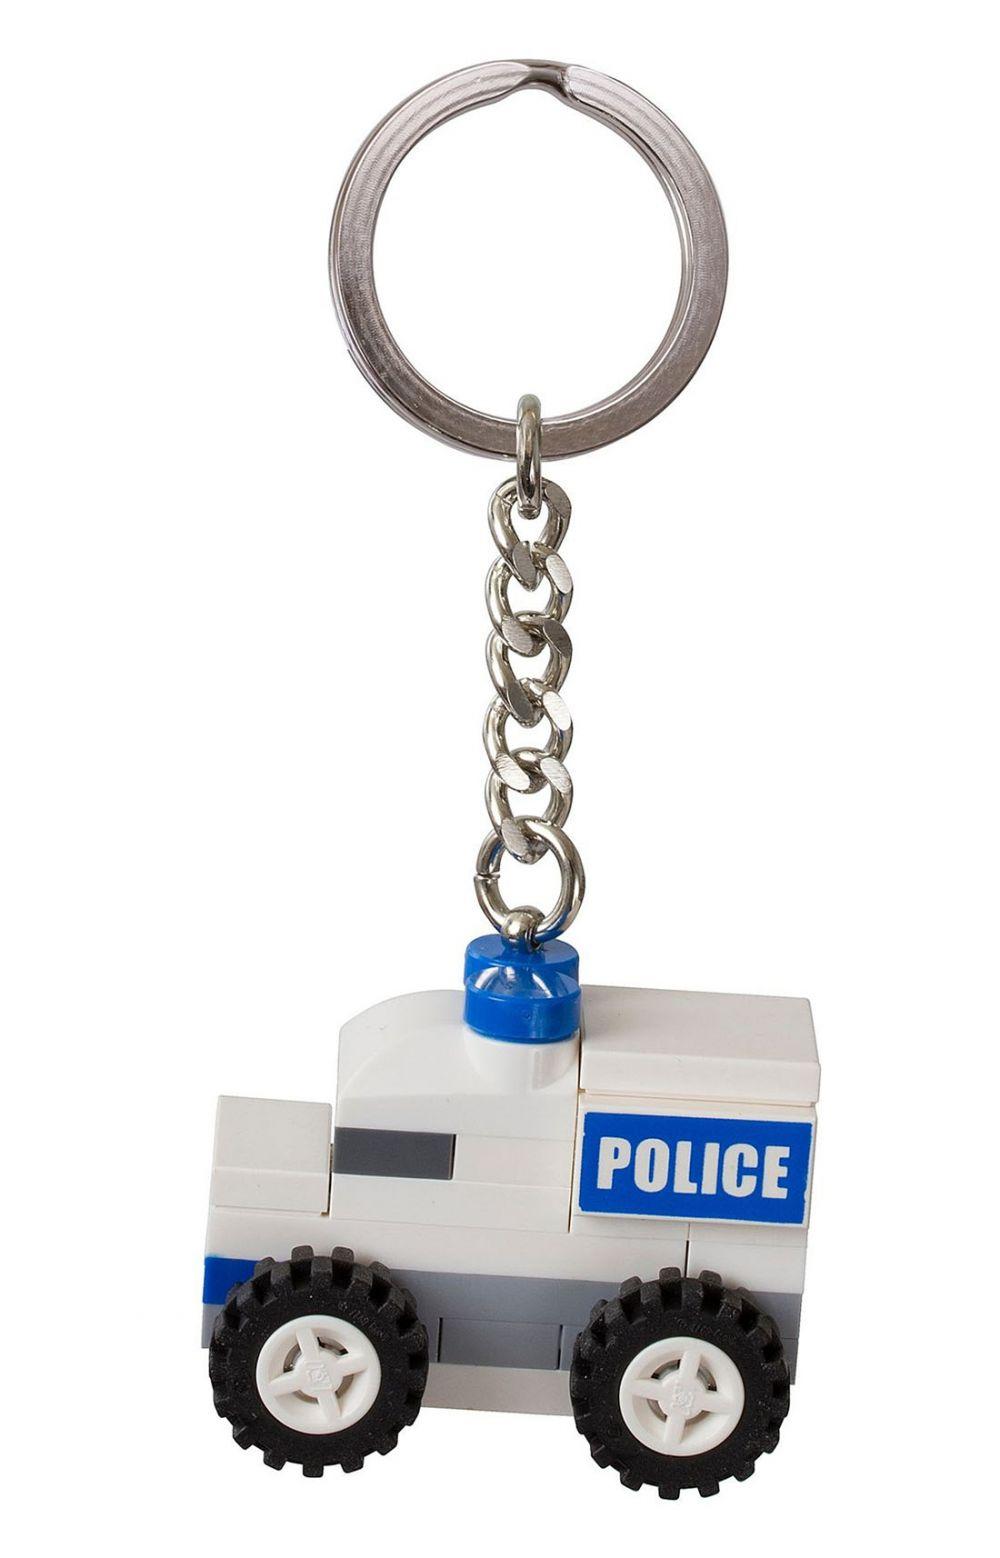 Lego objets divers 850953 pas cher porte bonheur voiture de police - Porte bonheur pour voiture ...